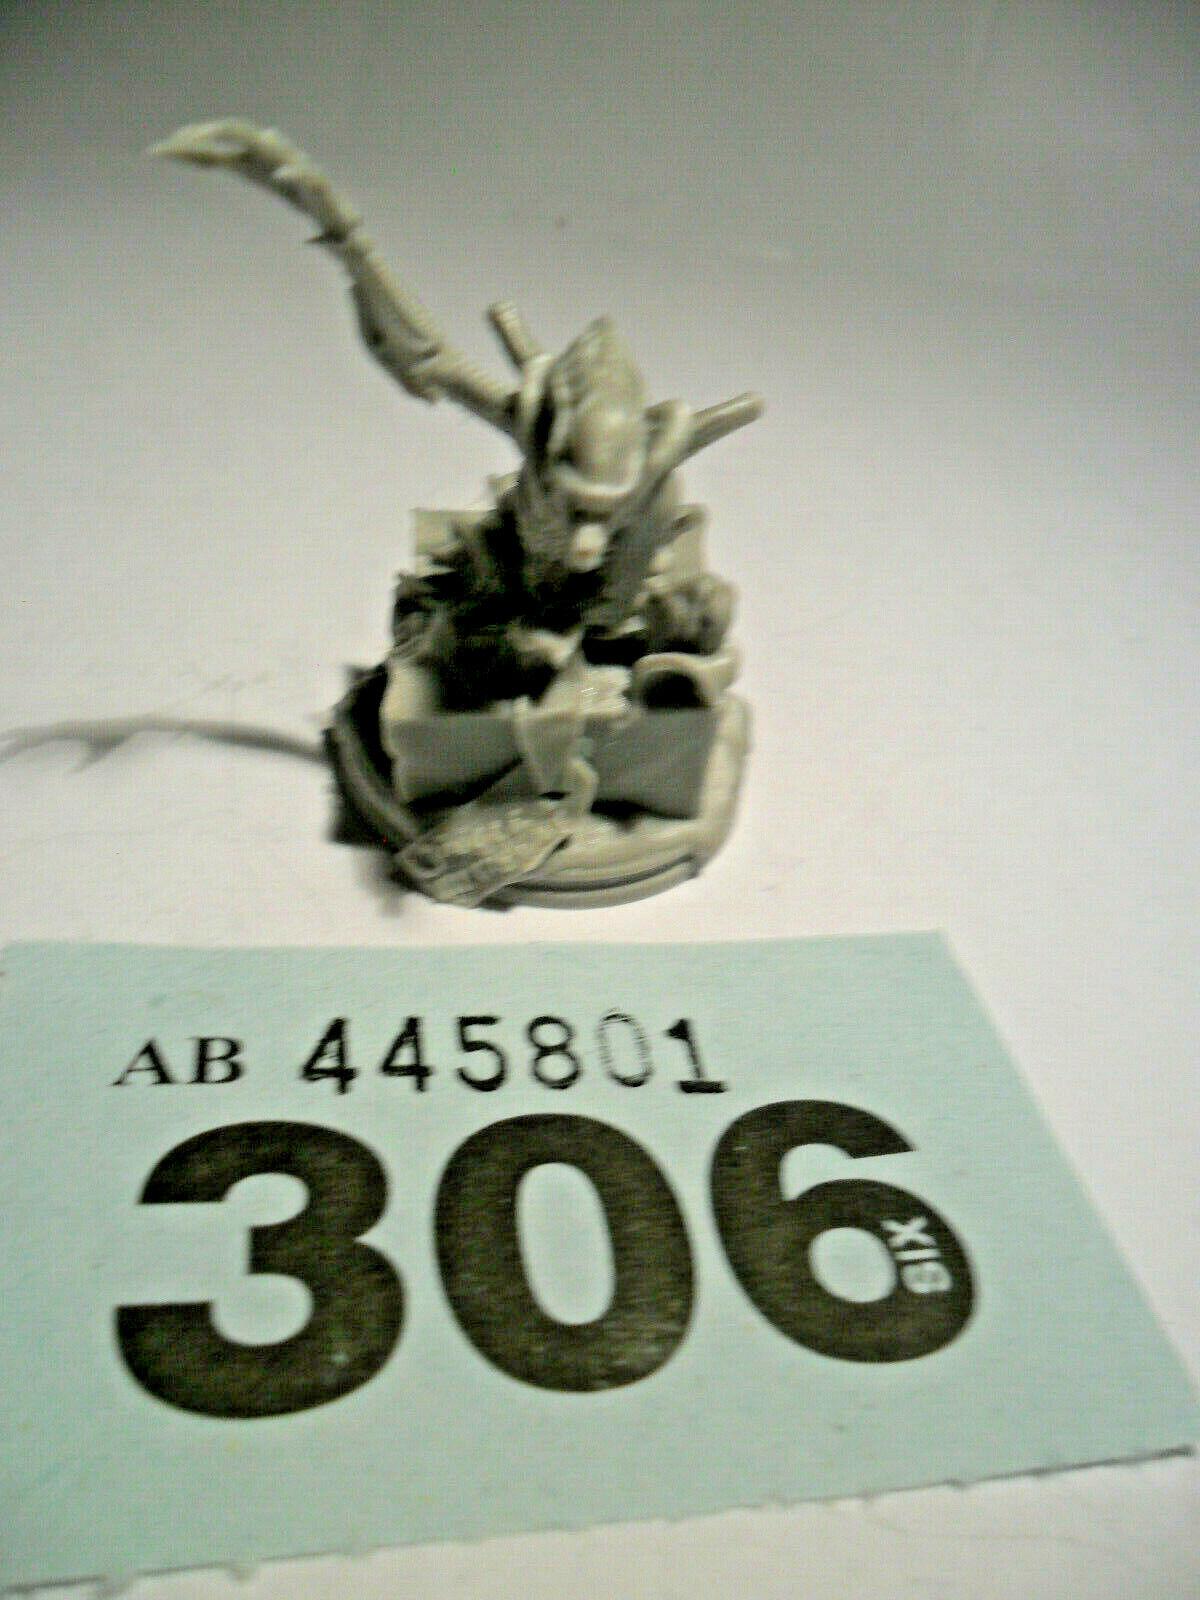 PRODOS Avp Aliens Vs Projoator Limitada Regalo De Navidad Alien Lote B306